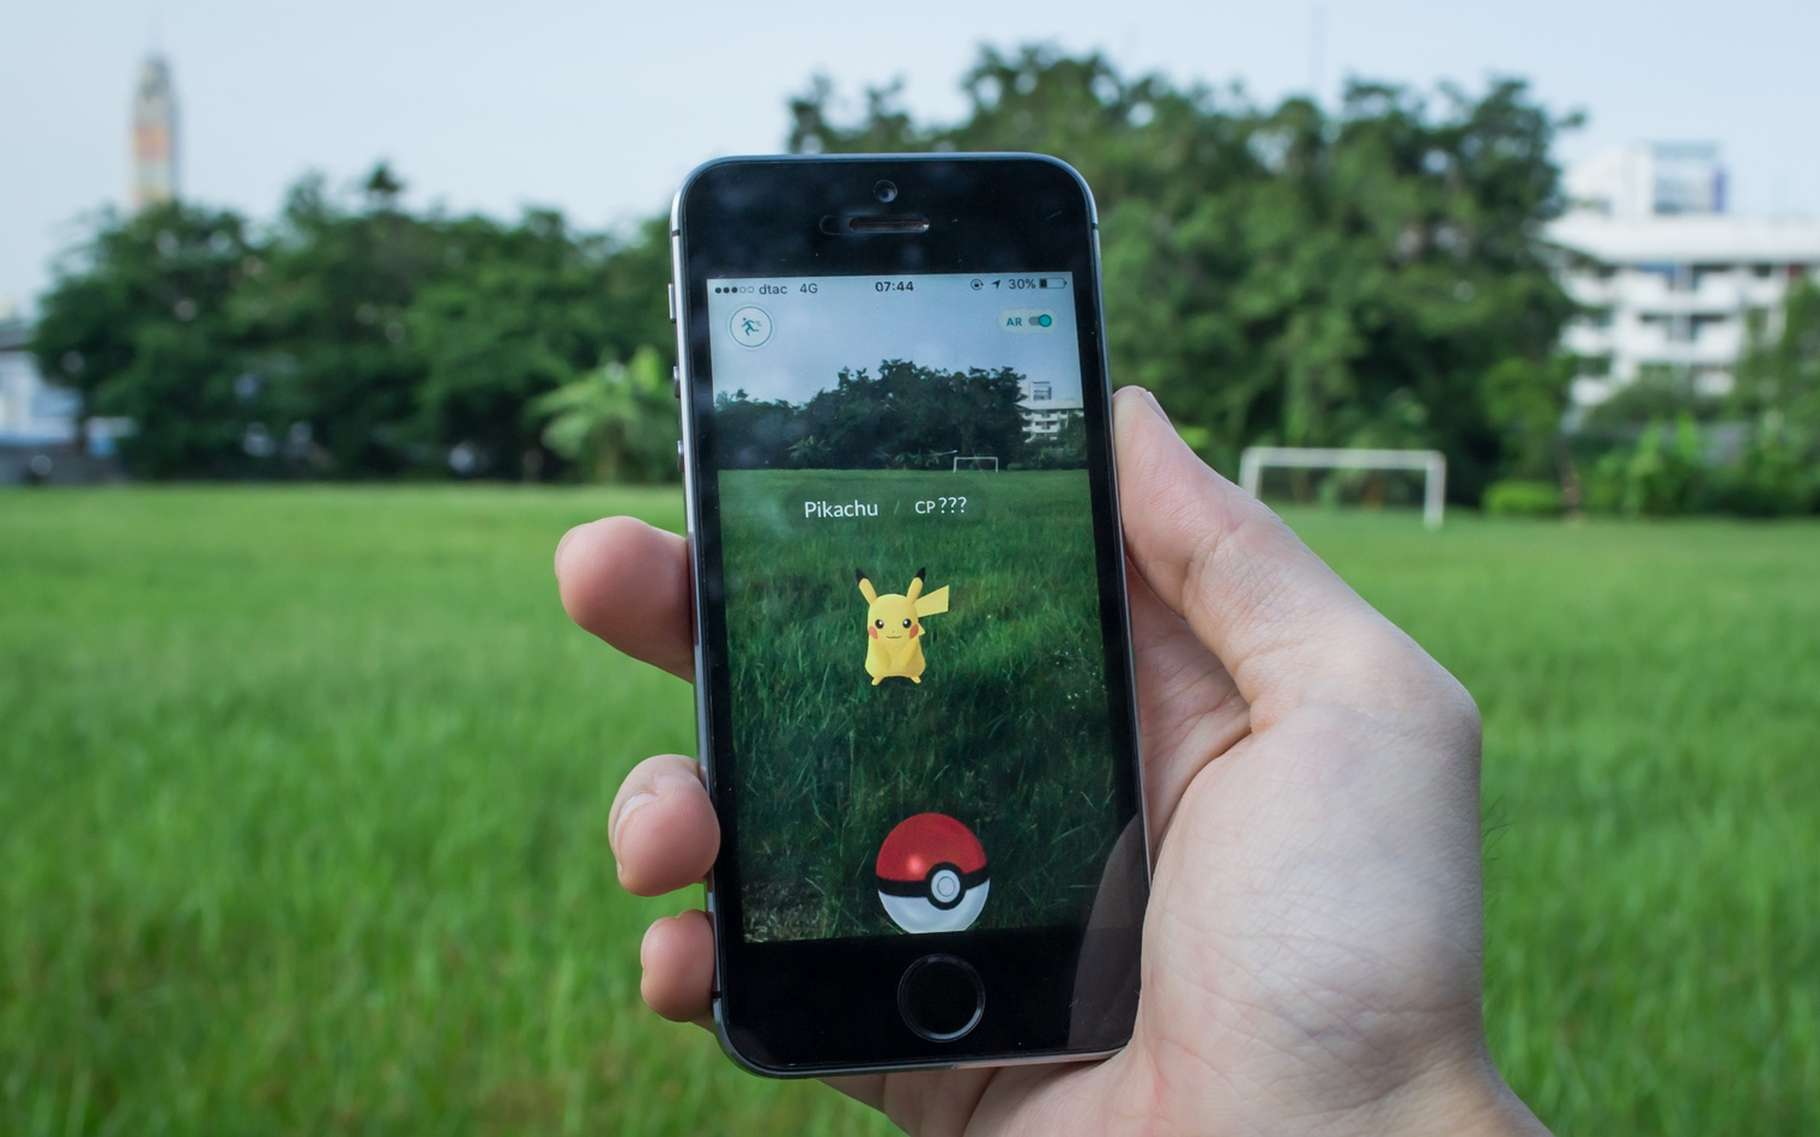 Grâce à la technologie mise au point par le MIT, les créatures virtuelles de Pokémon Go pourraient s'intégrer de manière plus réaliste au décor réel. Mais le système pourrait fonctionner avec n'importe quelle application de réalité augmentée. © Wachiwit, Shutterstock